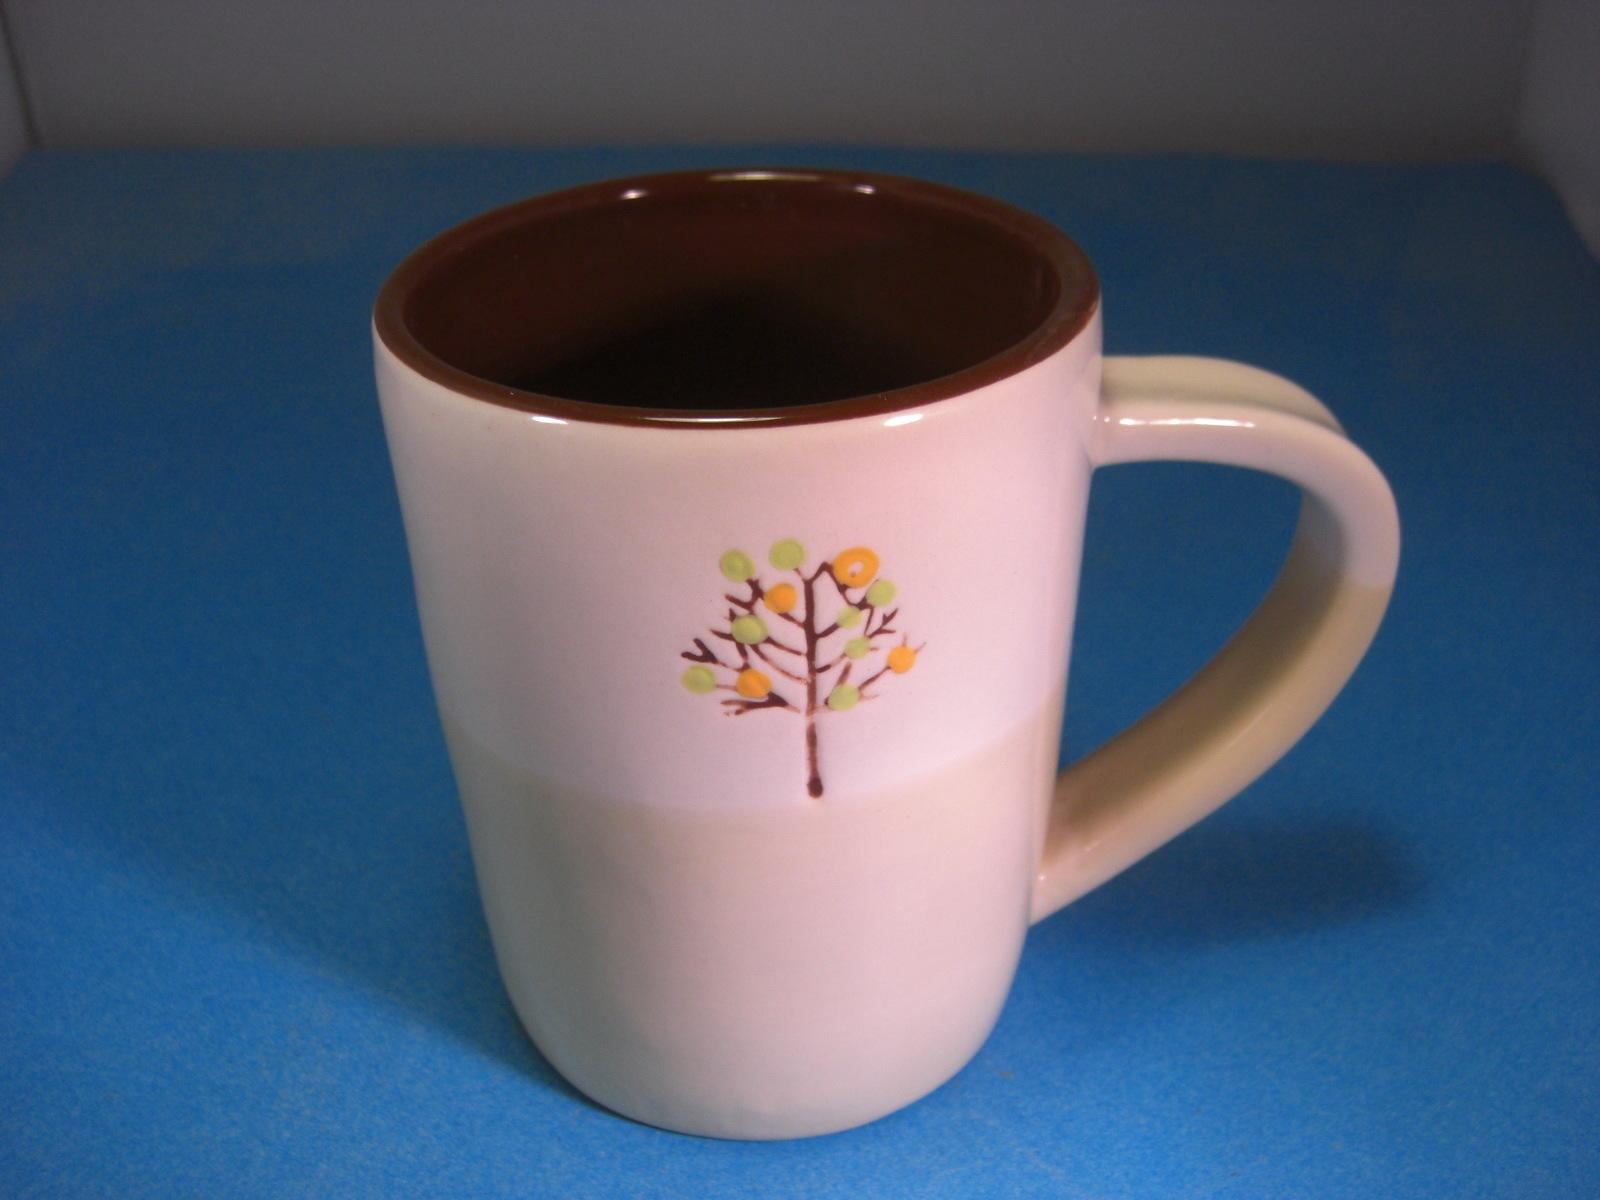 Starbucks Hand Painted Coffee Mugs